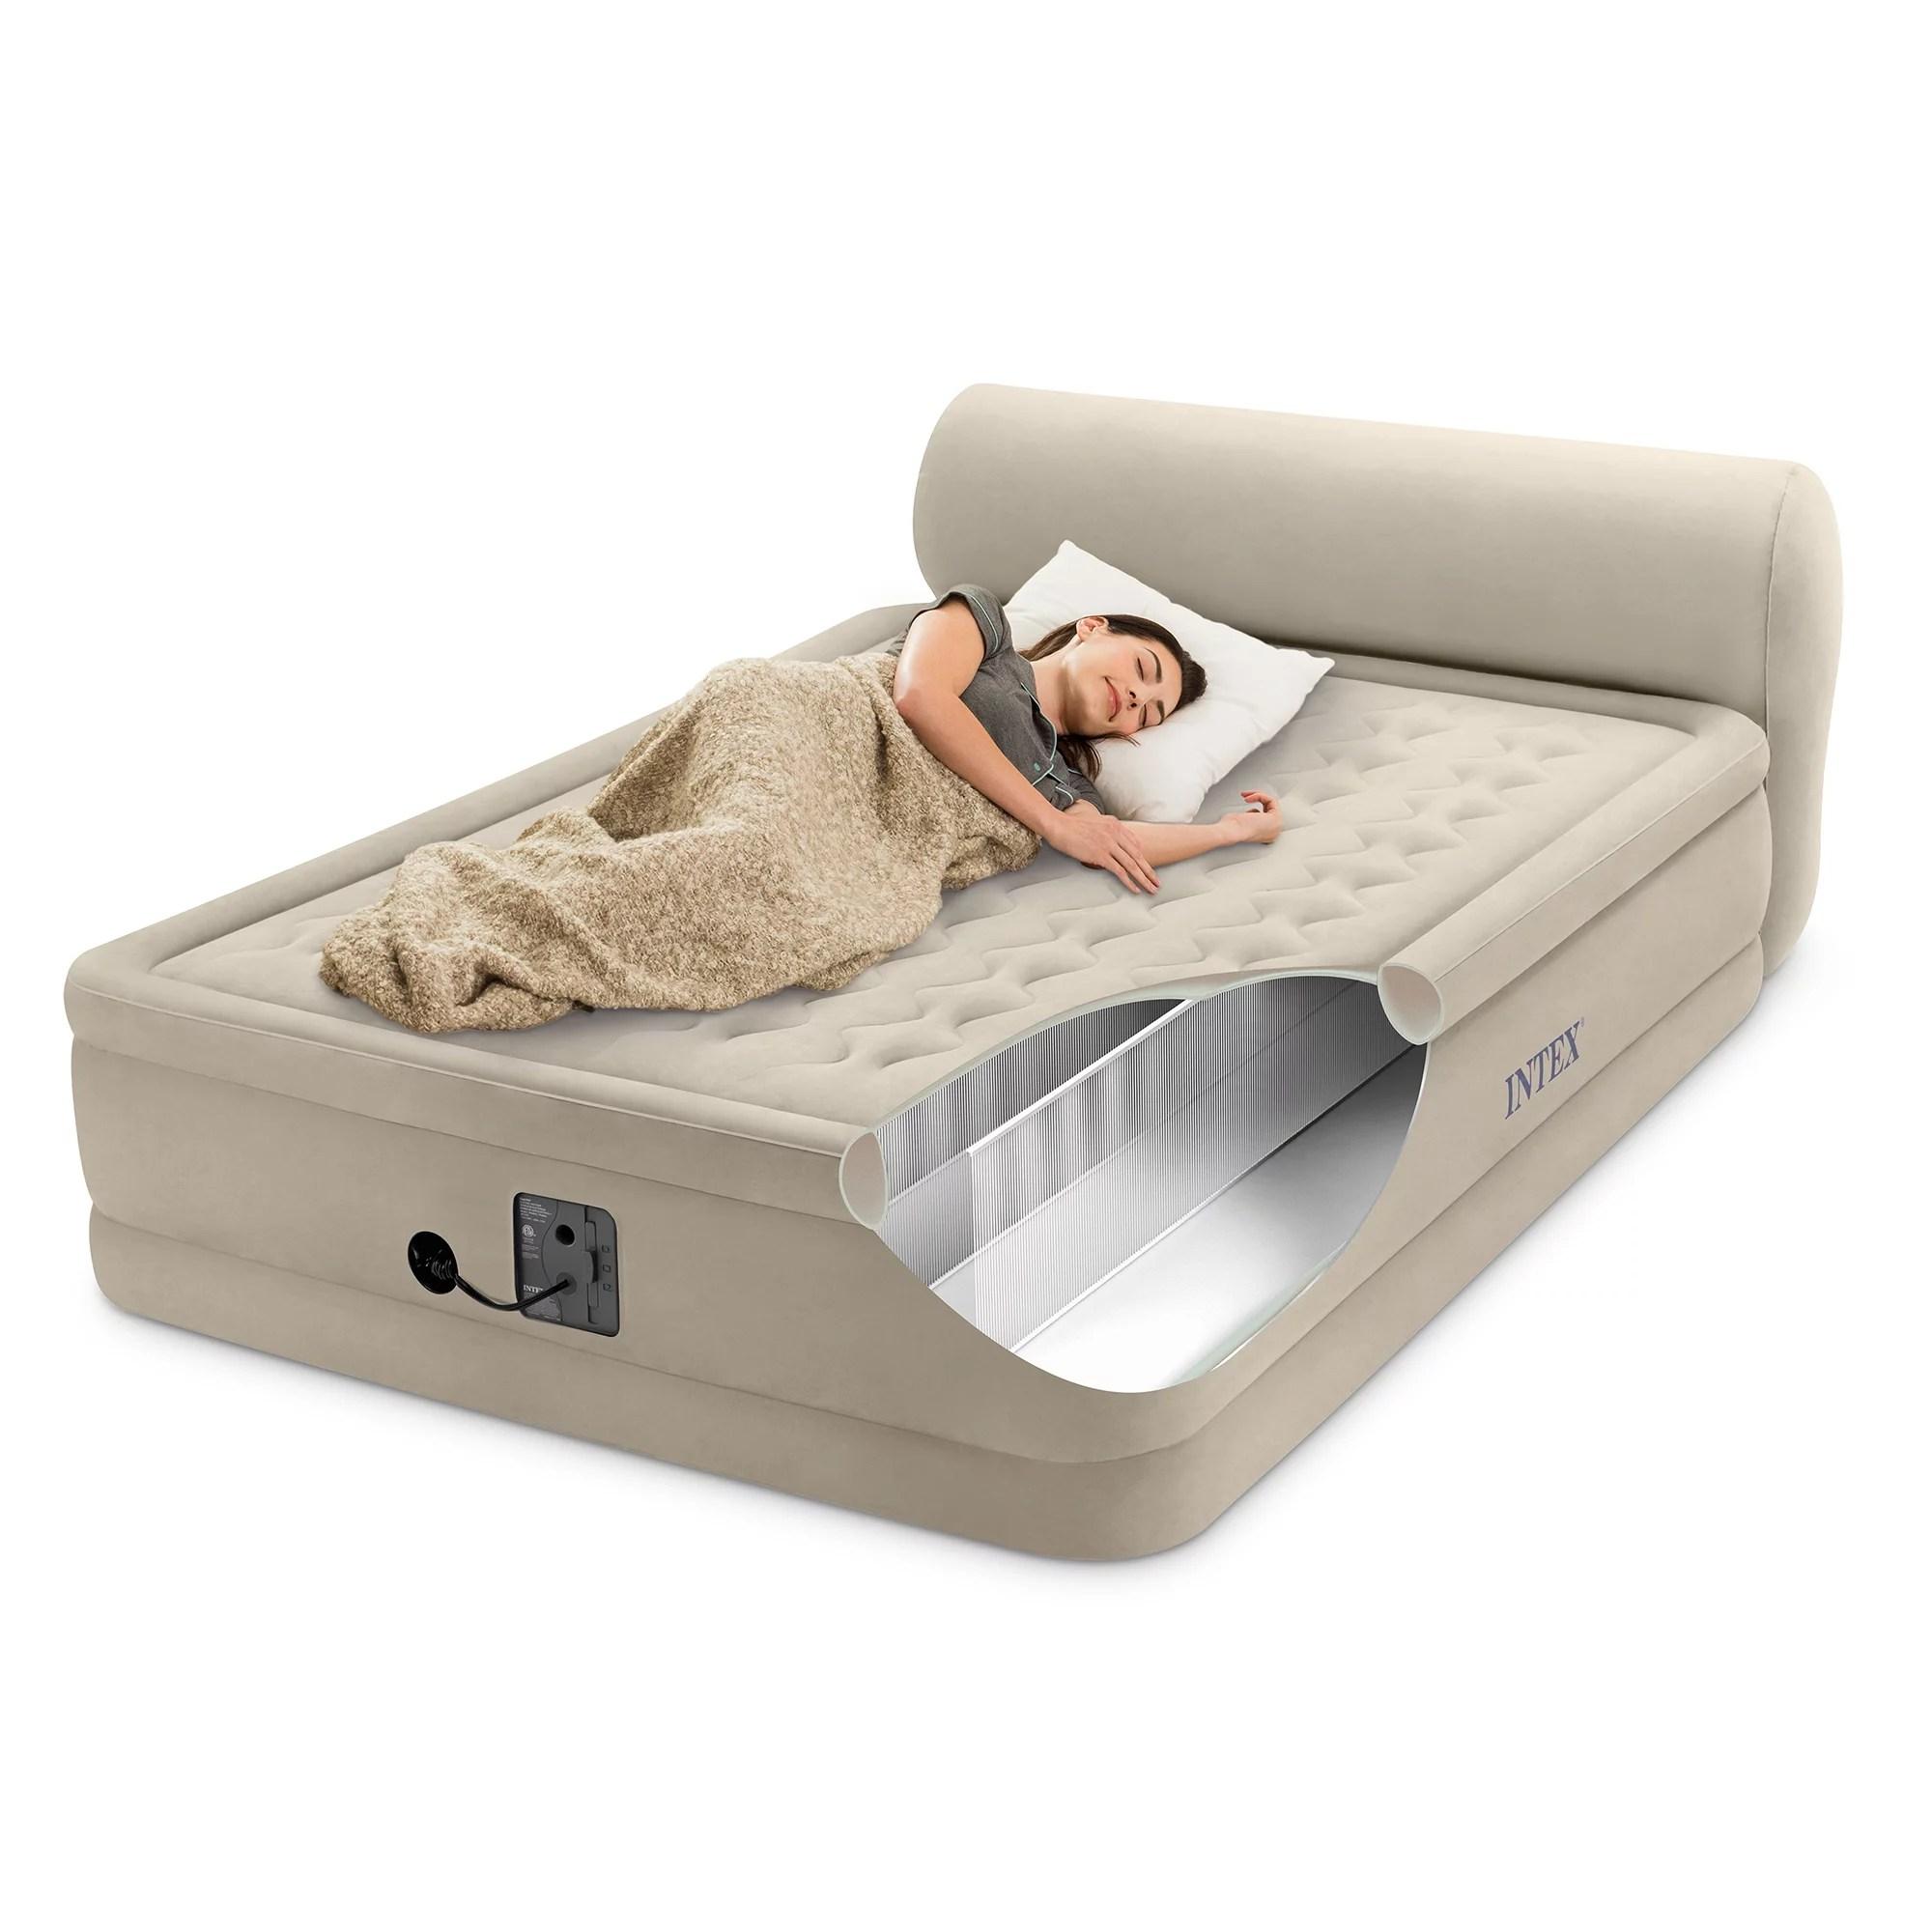 queen air mattress with headboard